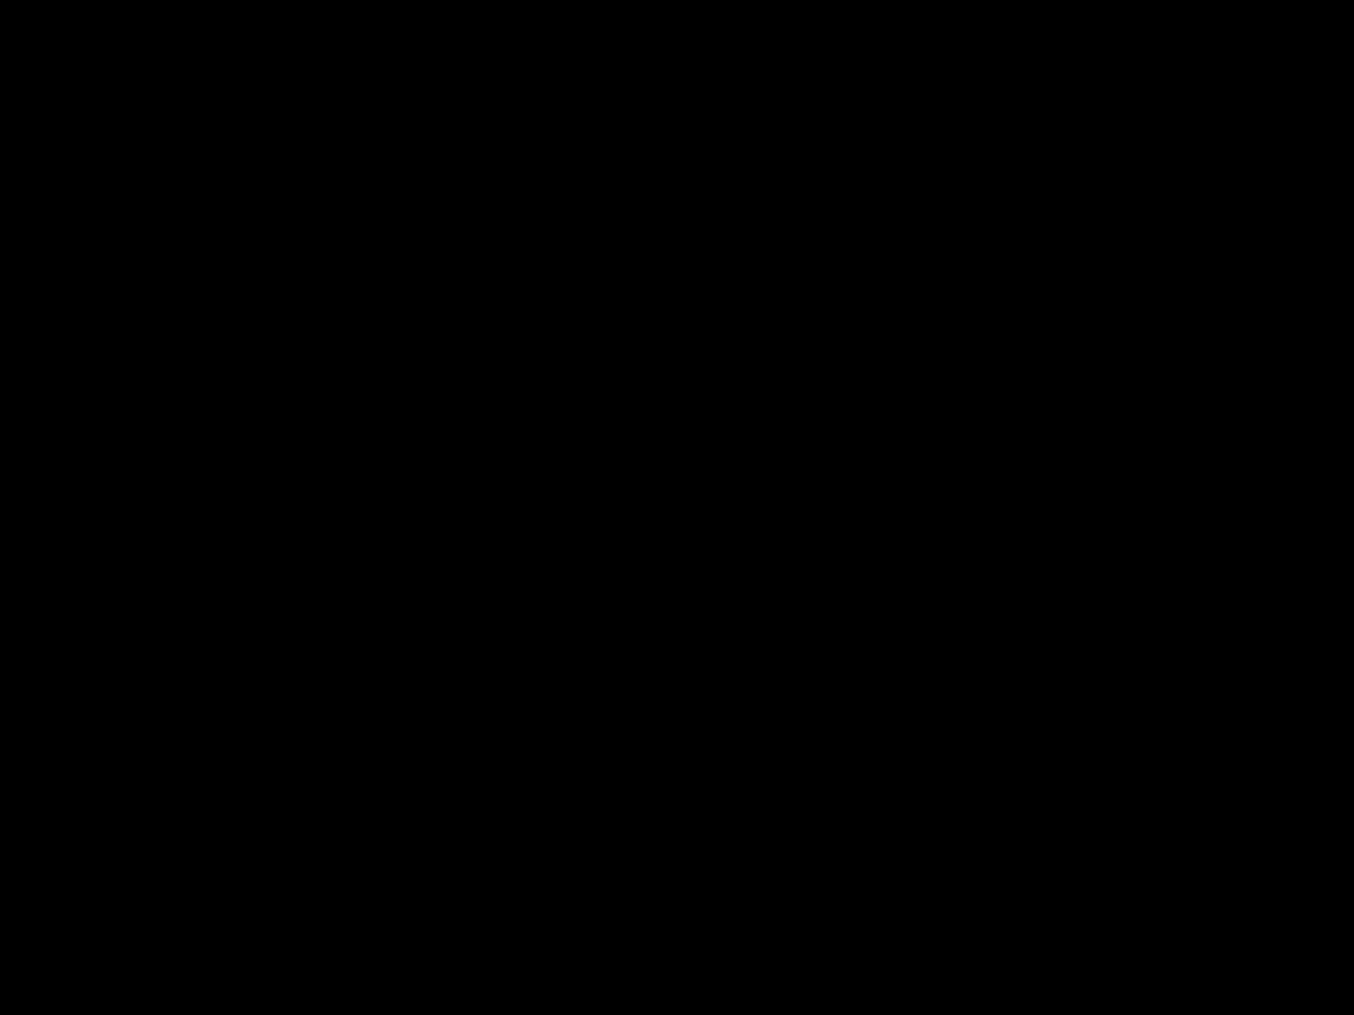 4541_07.jpg